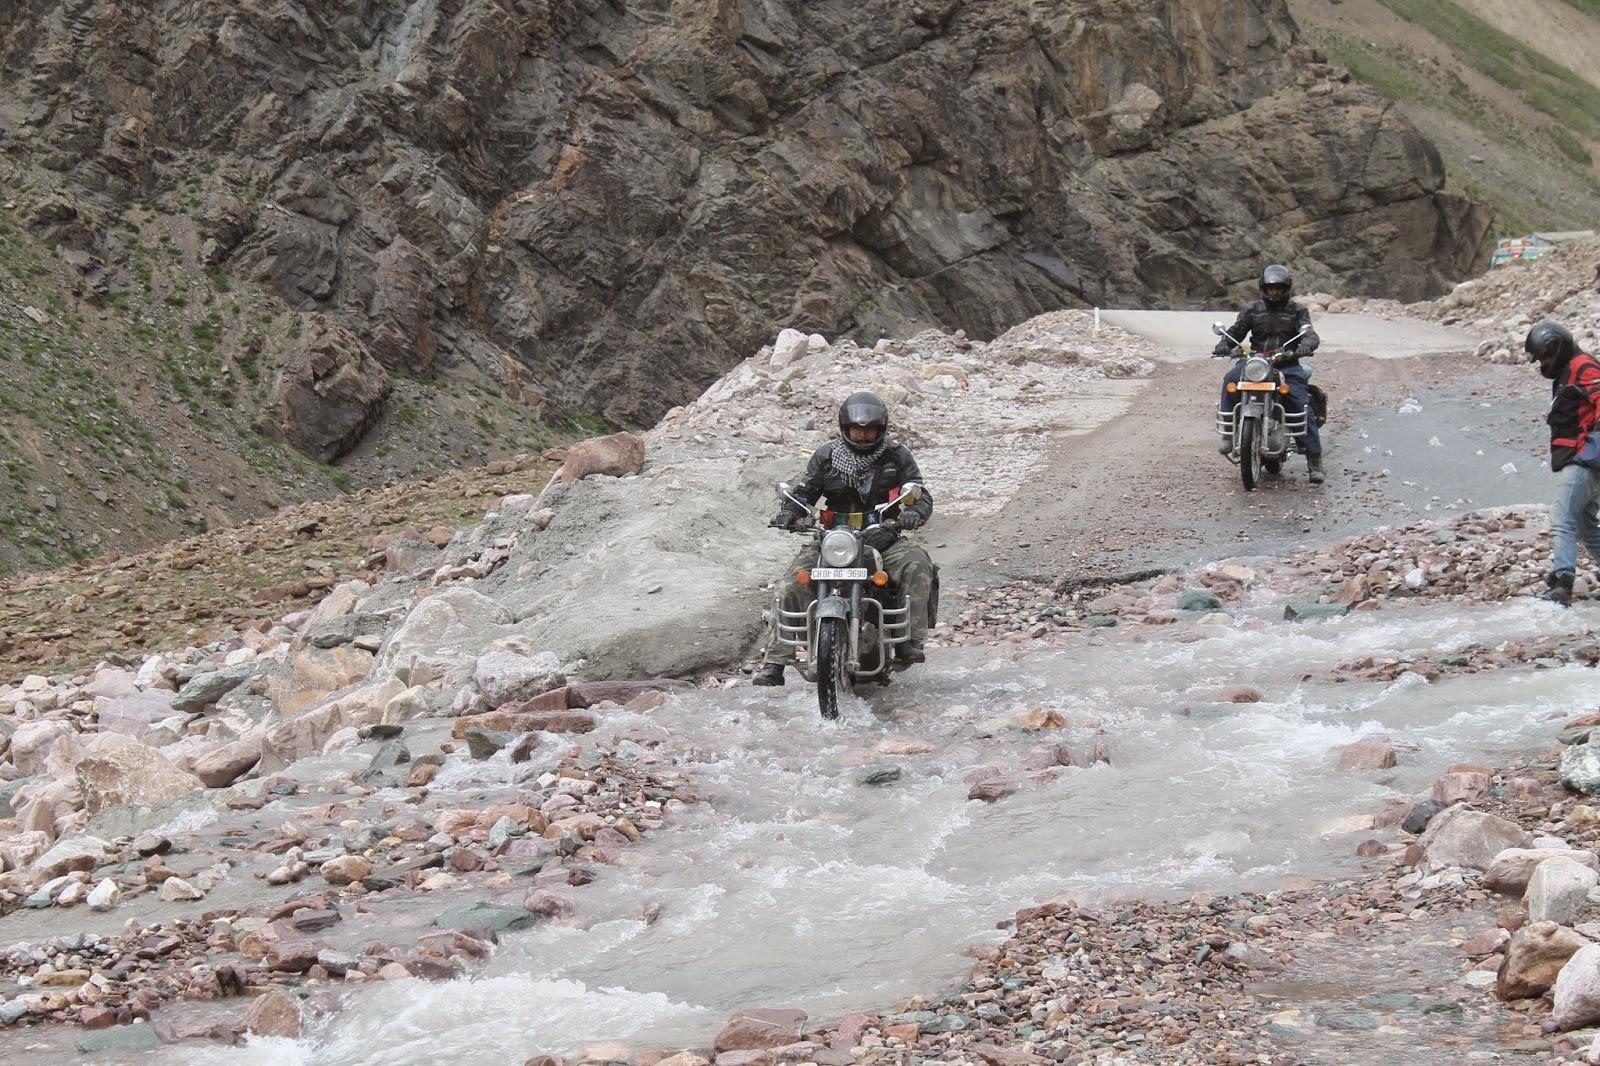 Solo biking Ladakh